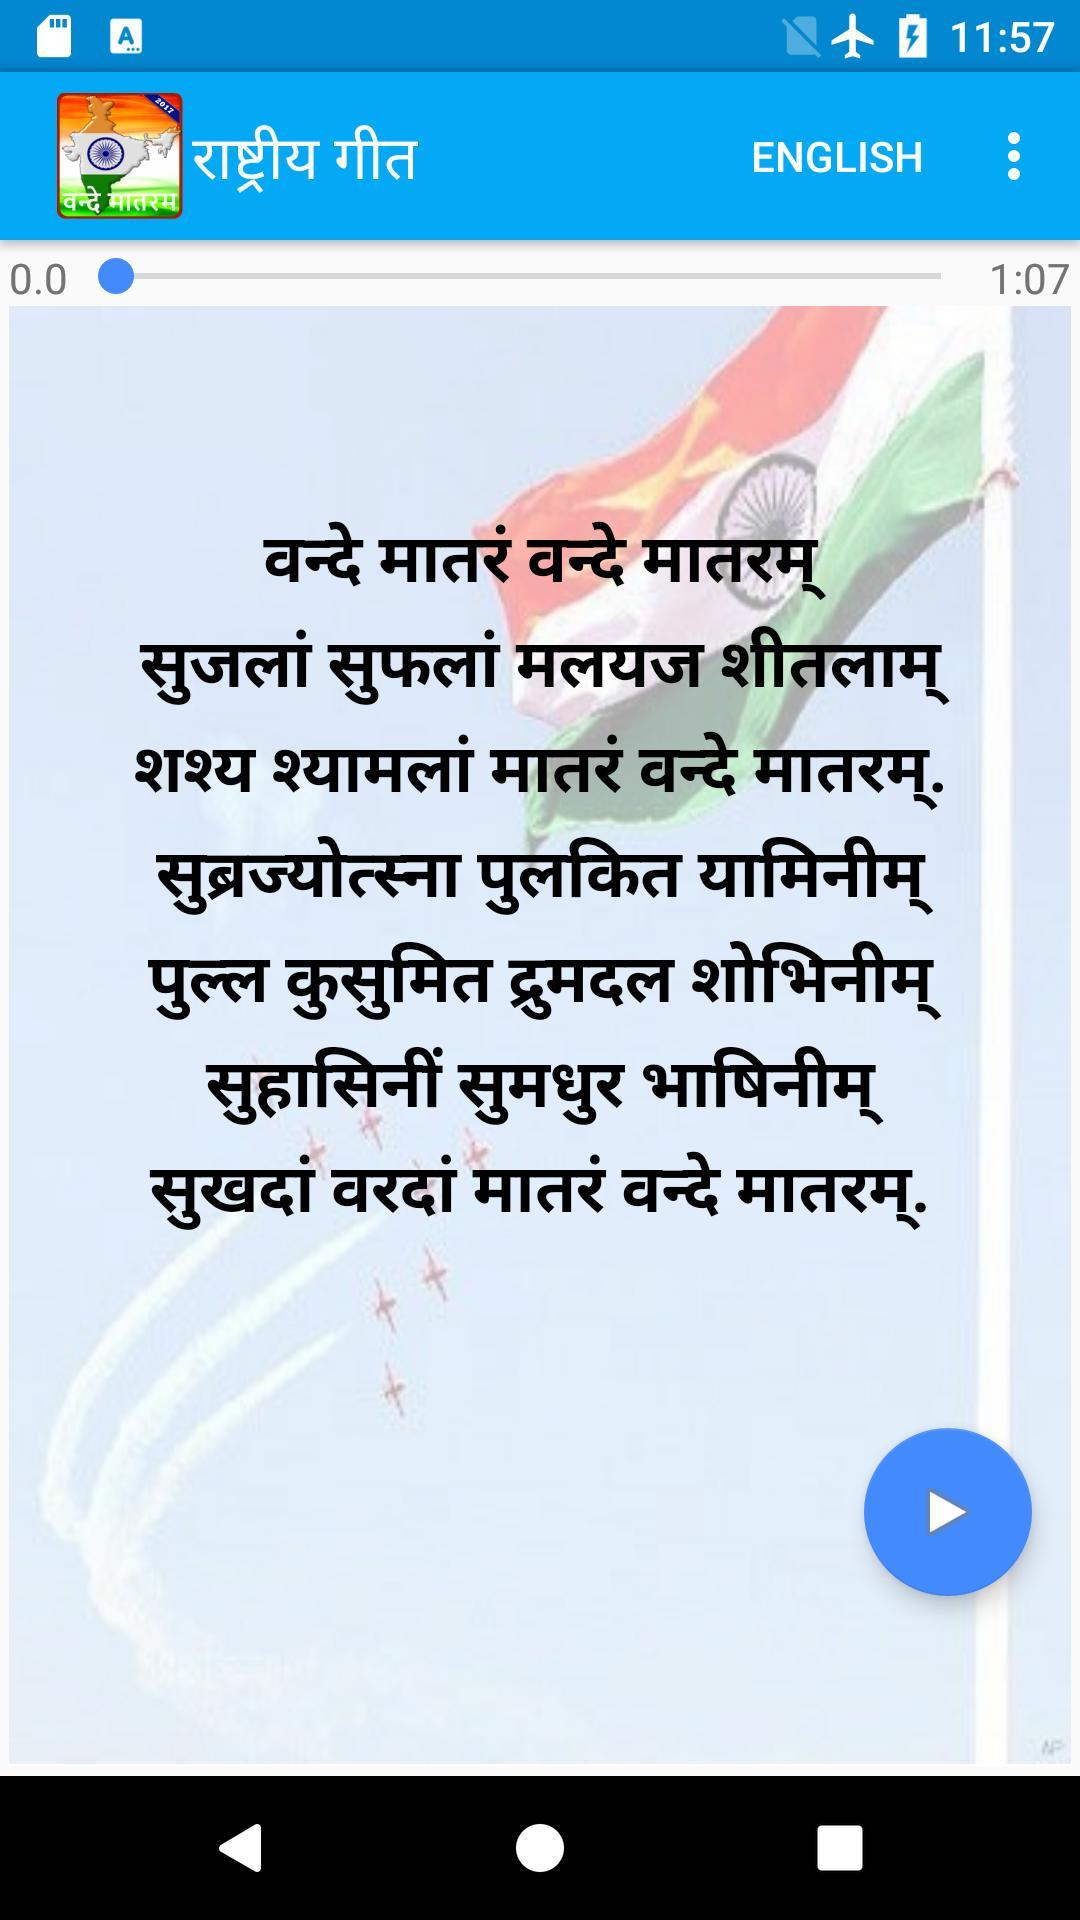 Vande Mataram - Rashtriya Geet ( Audio & Lyrics ) for